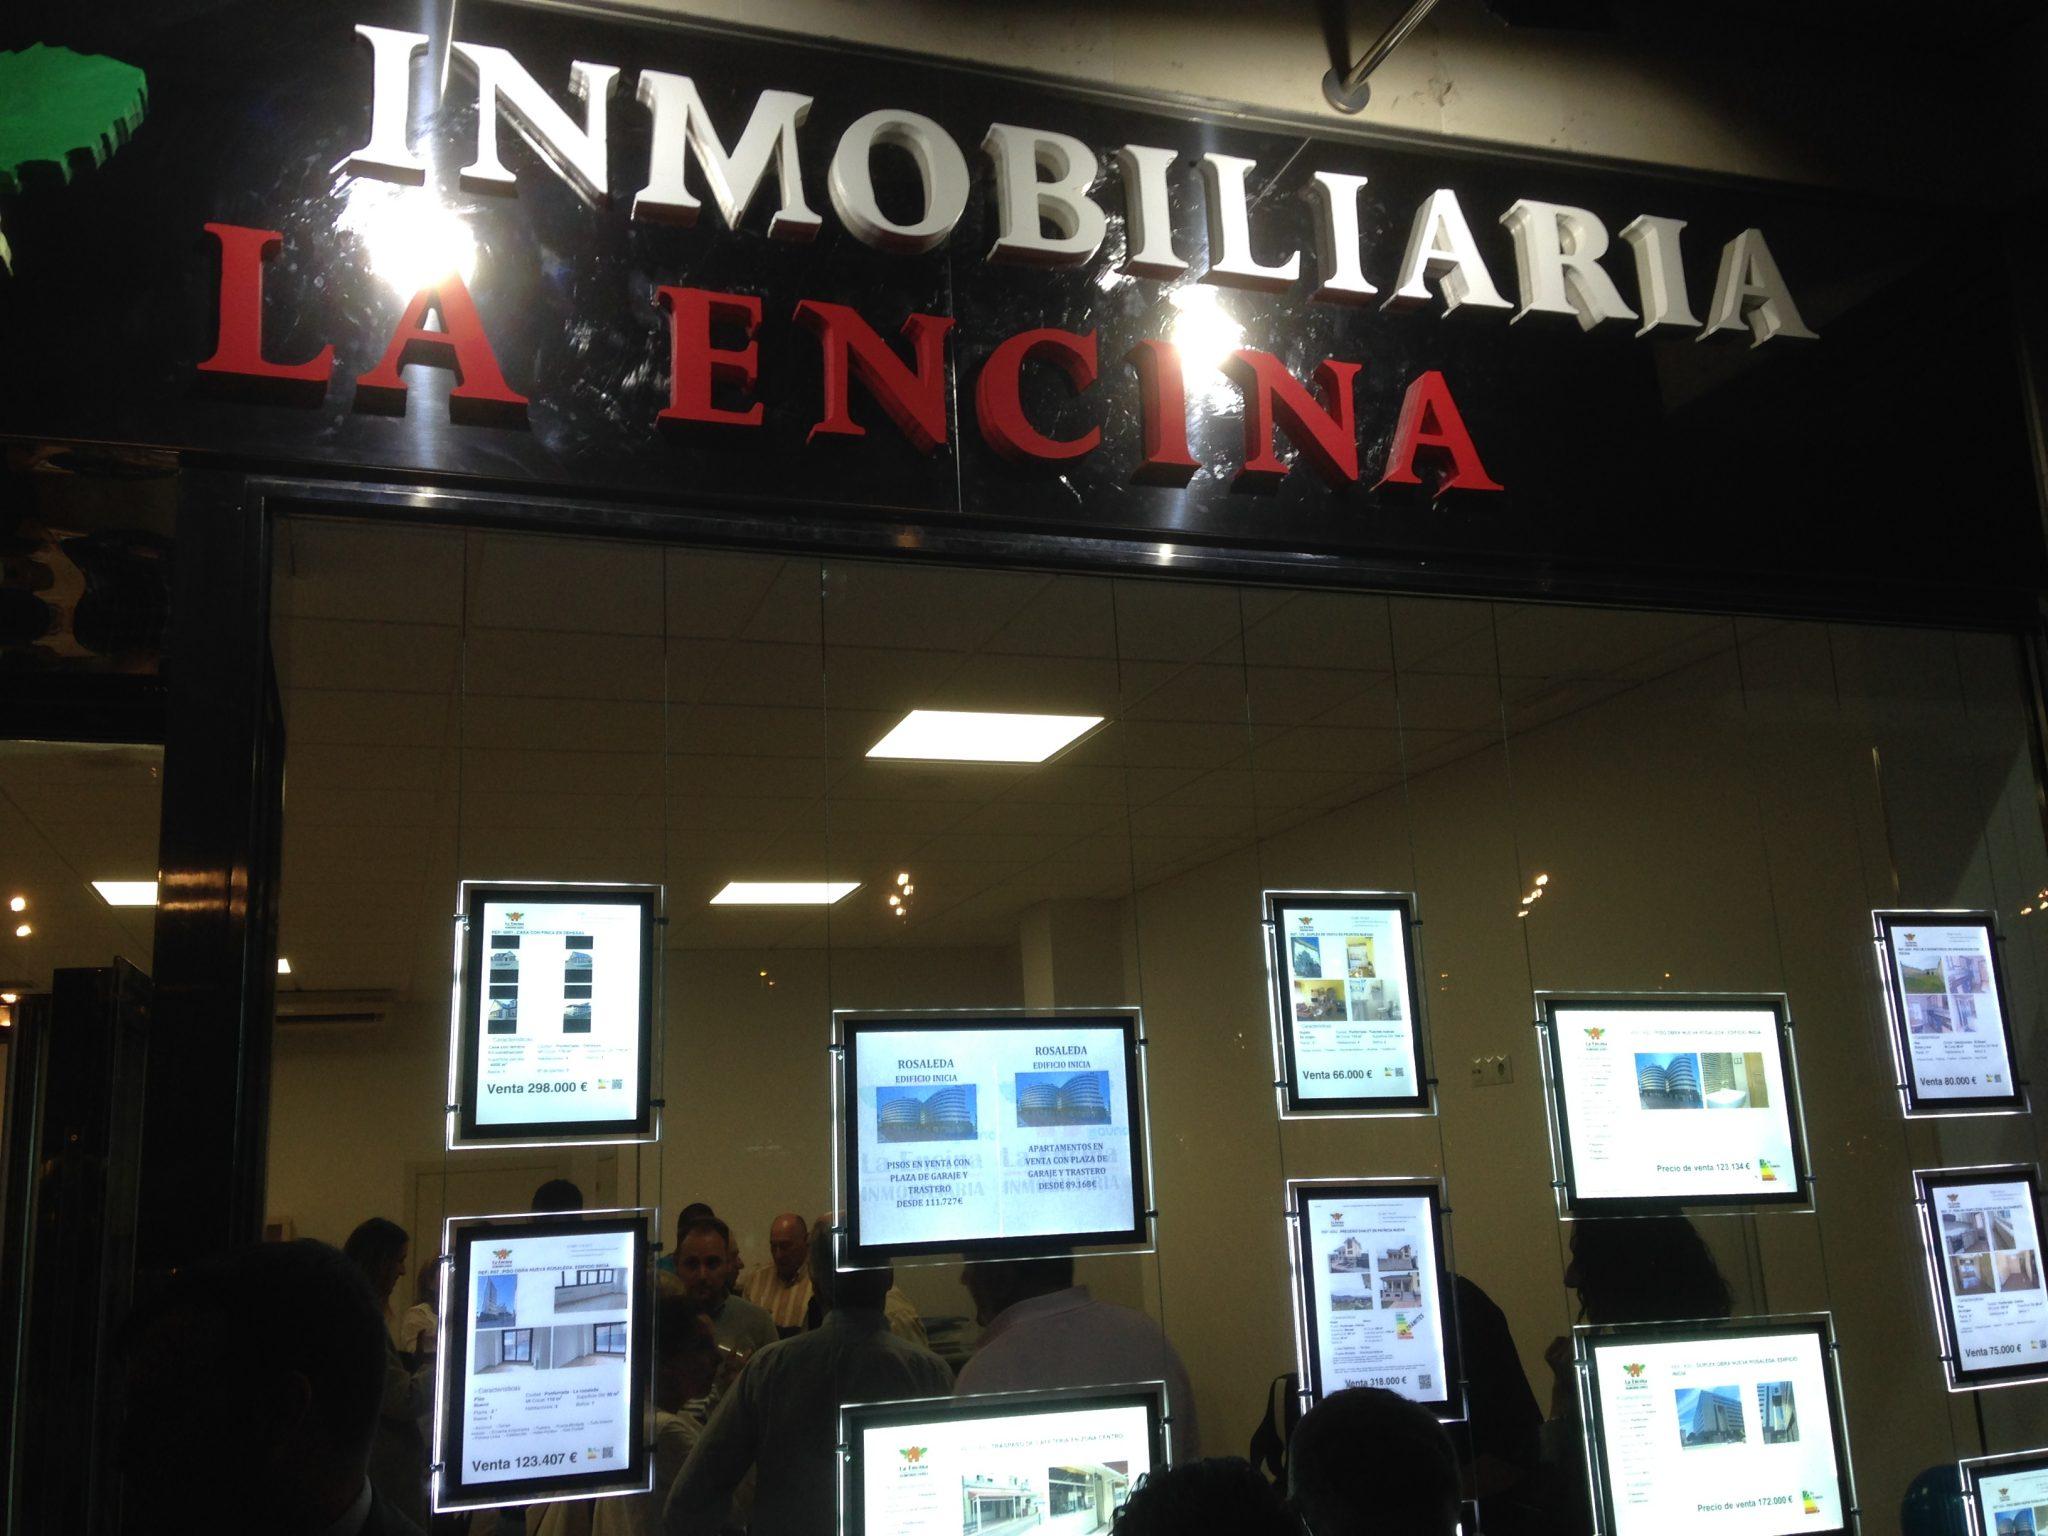 Inmobiliaria La Encina abre sus nuevas oficinas en el Bulevar de La Rosaleda 2